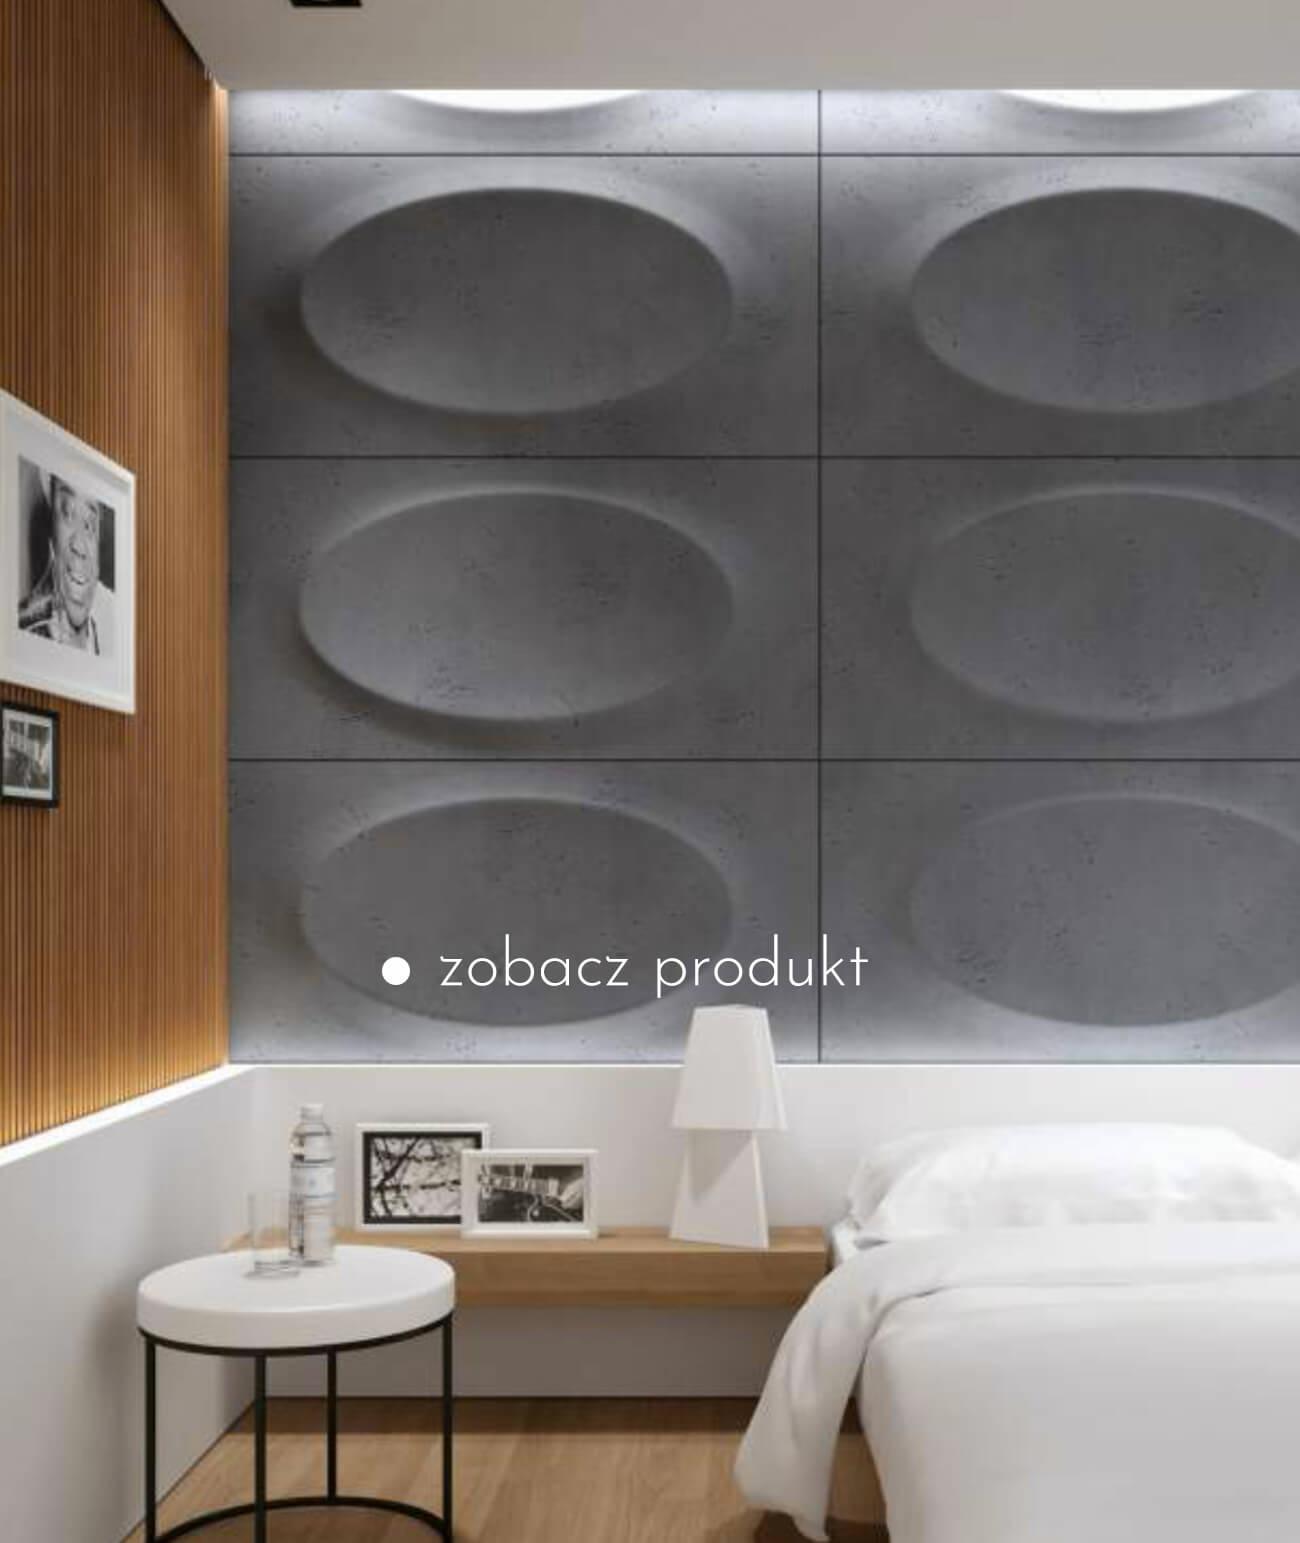 panele-betonowe-3d-scienne-i-elewacyjne-beton-architektoniczny_358-1955-pb08-b8-antracyt-elipsa---panel-dekor-3d-beton-architektoniczny-panel-scienny